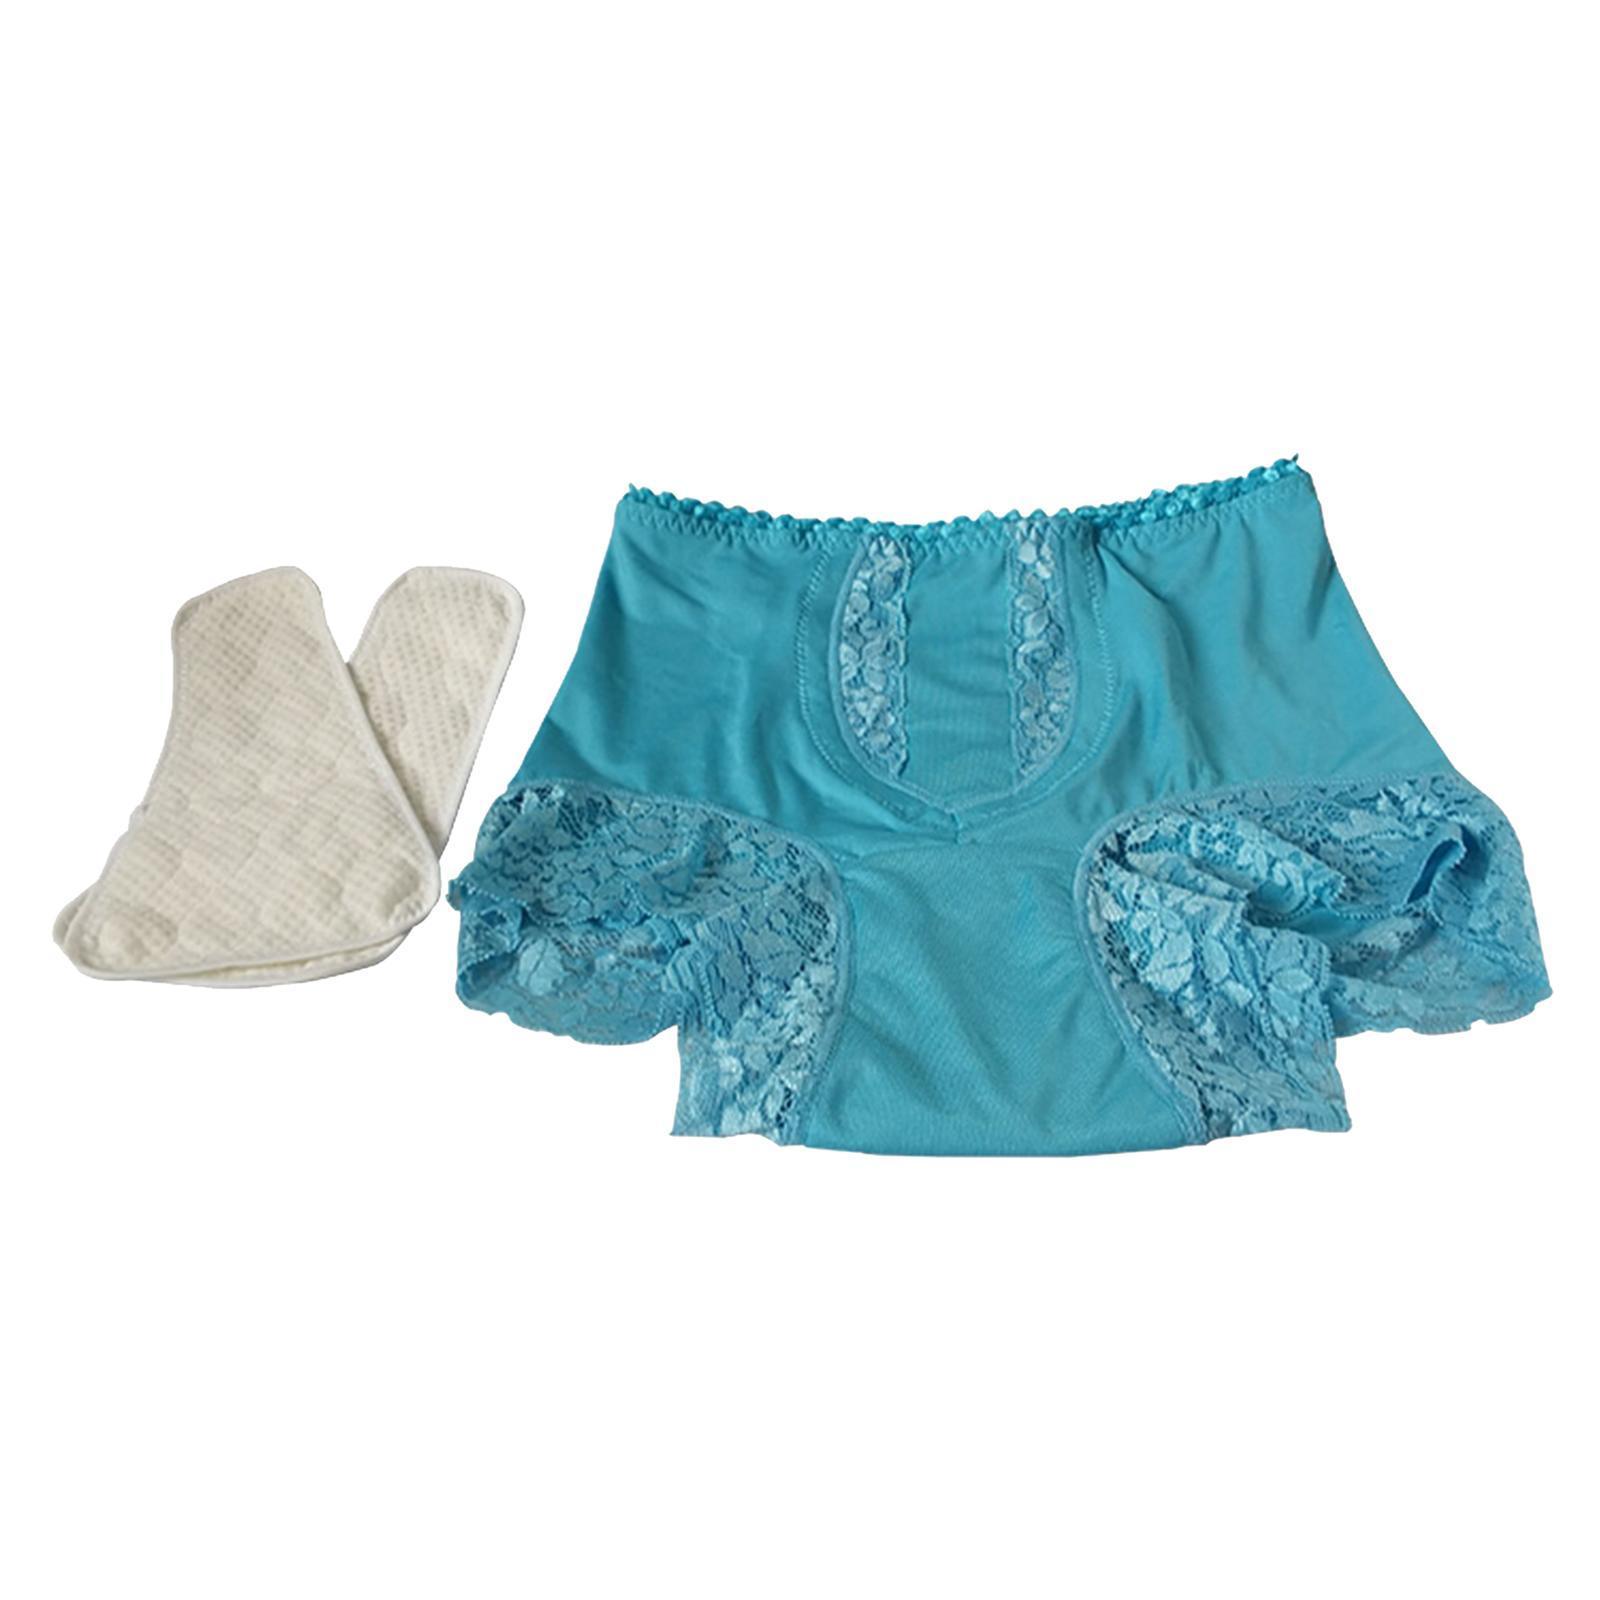 Indexbild 26 - Wiederverwendbare Inkontinenz Unterwäsche mit Pad für Frauen Menstruations